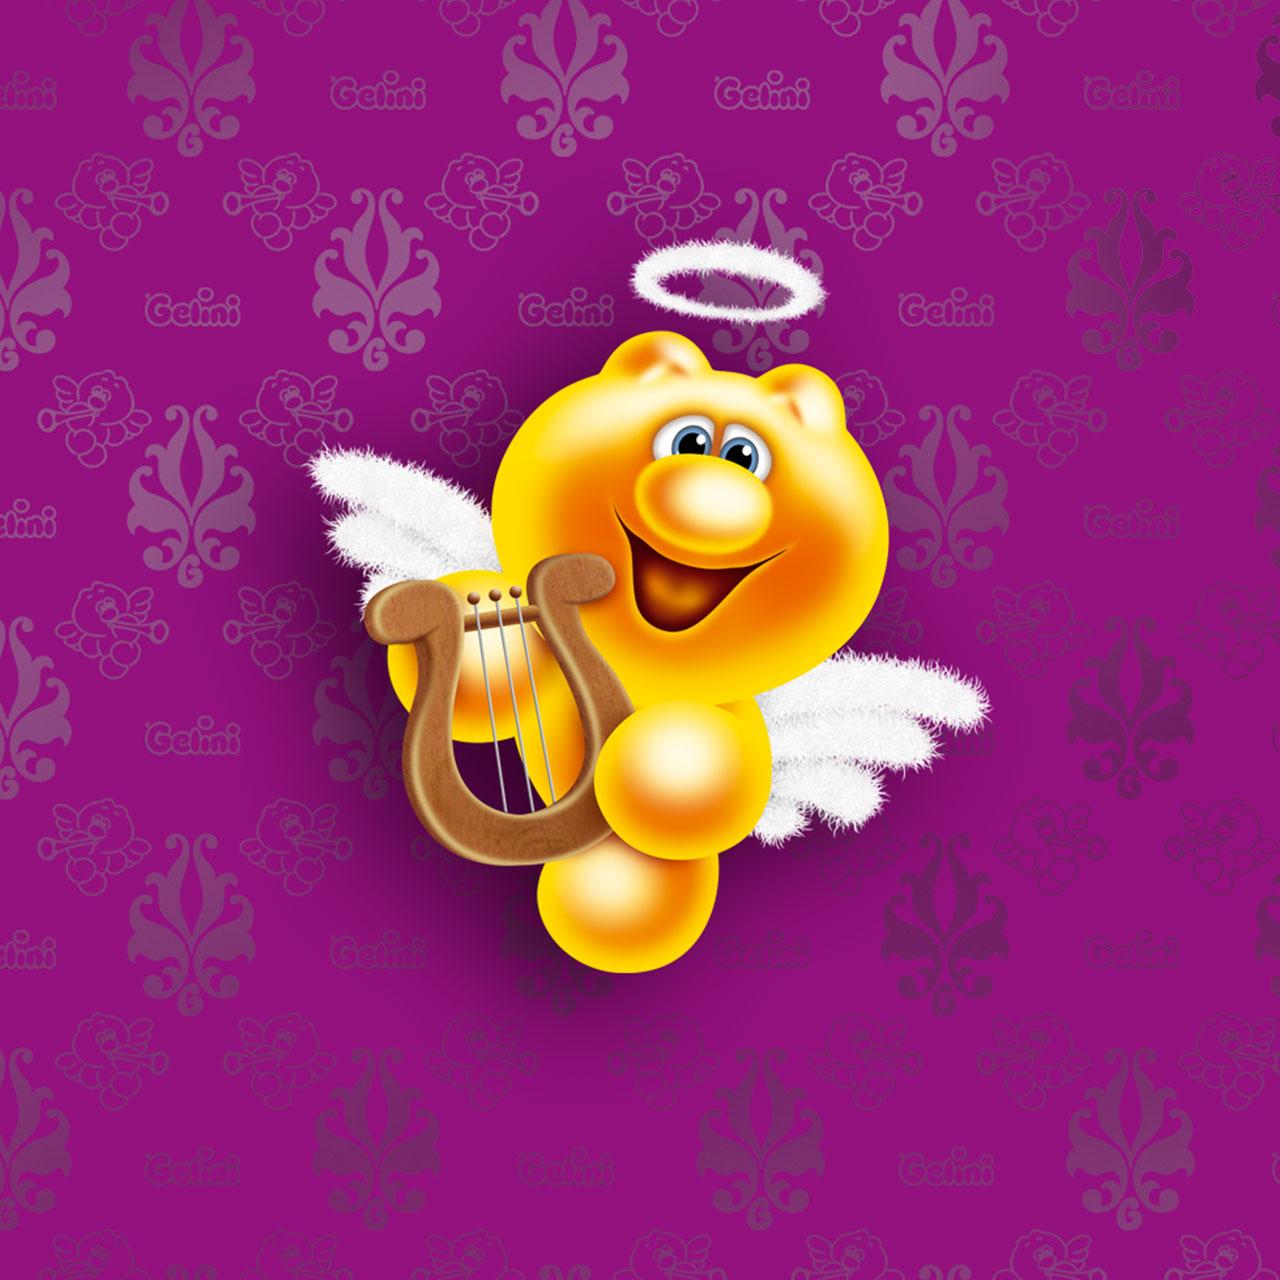 gelini character angel